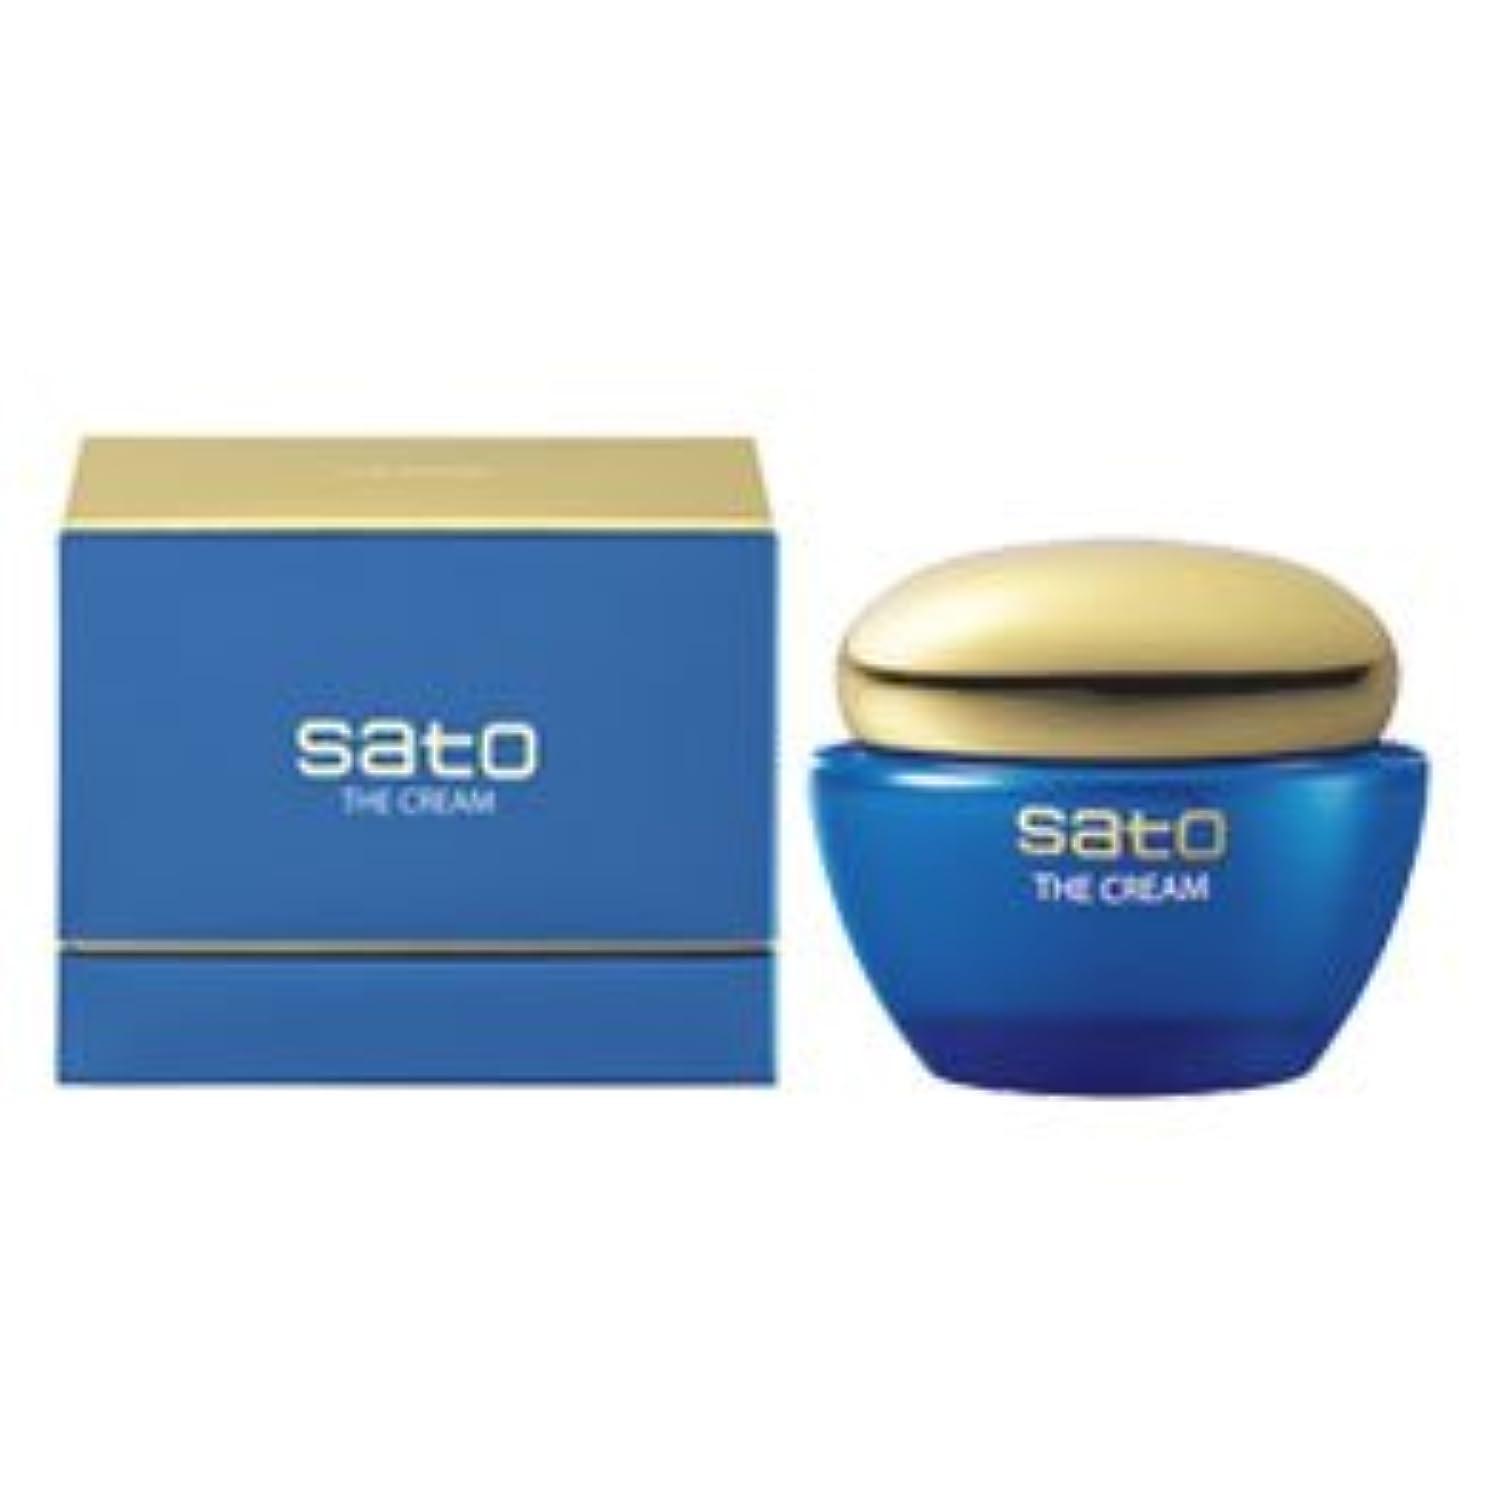 ここに機械的に深遠佐藤製薬 SATO【サトウ製薬】ザ?クリーム50g<保湿クリーム> 8000 P12